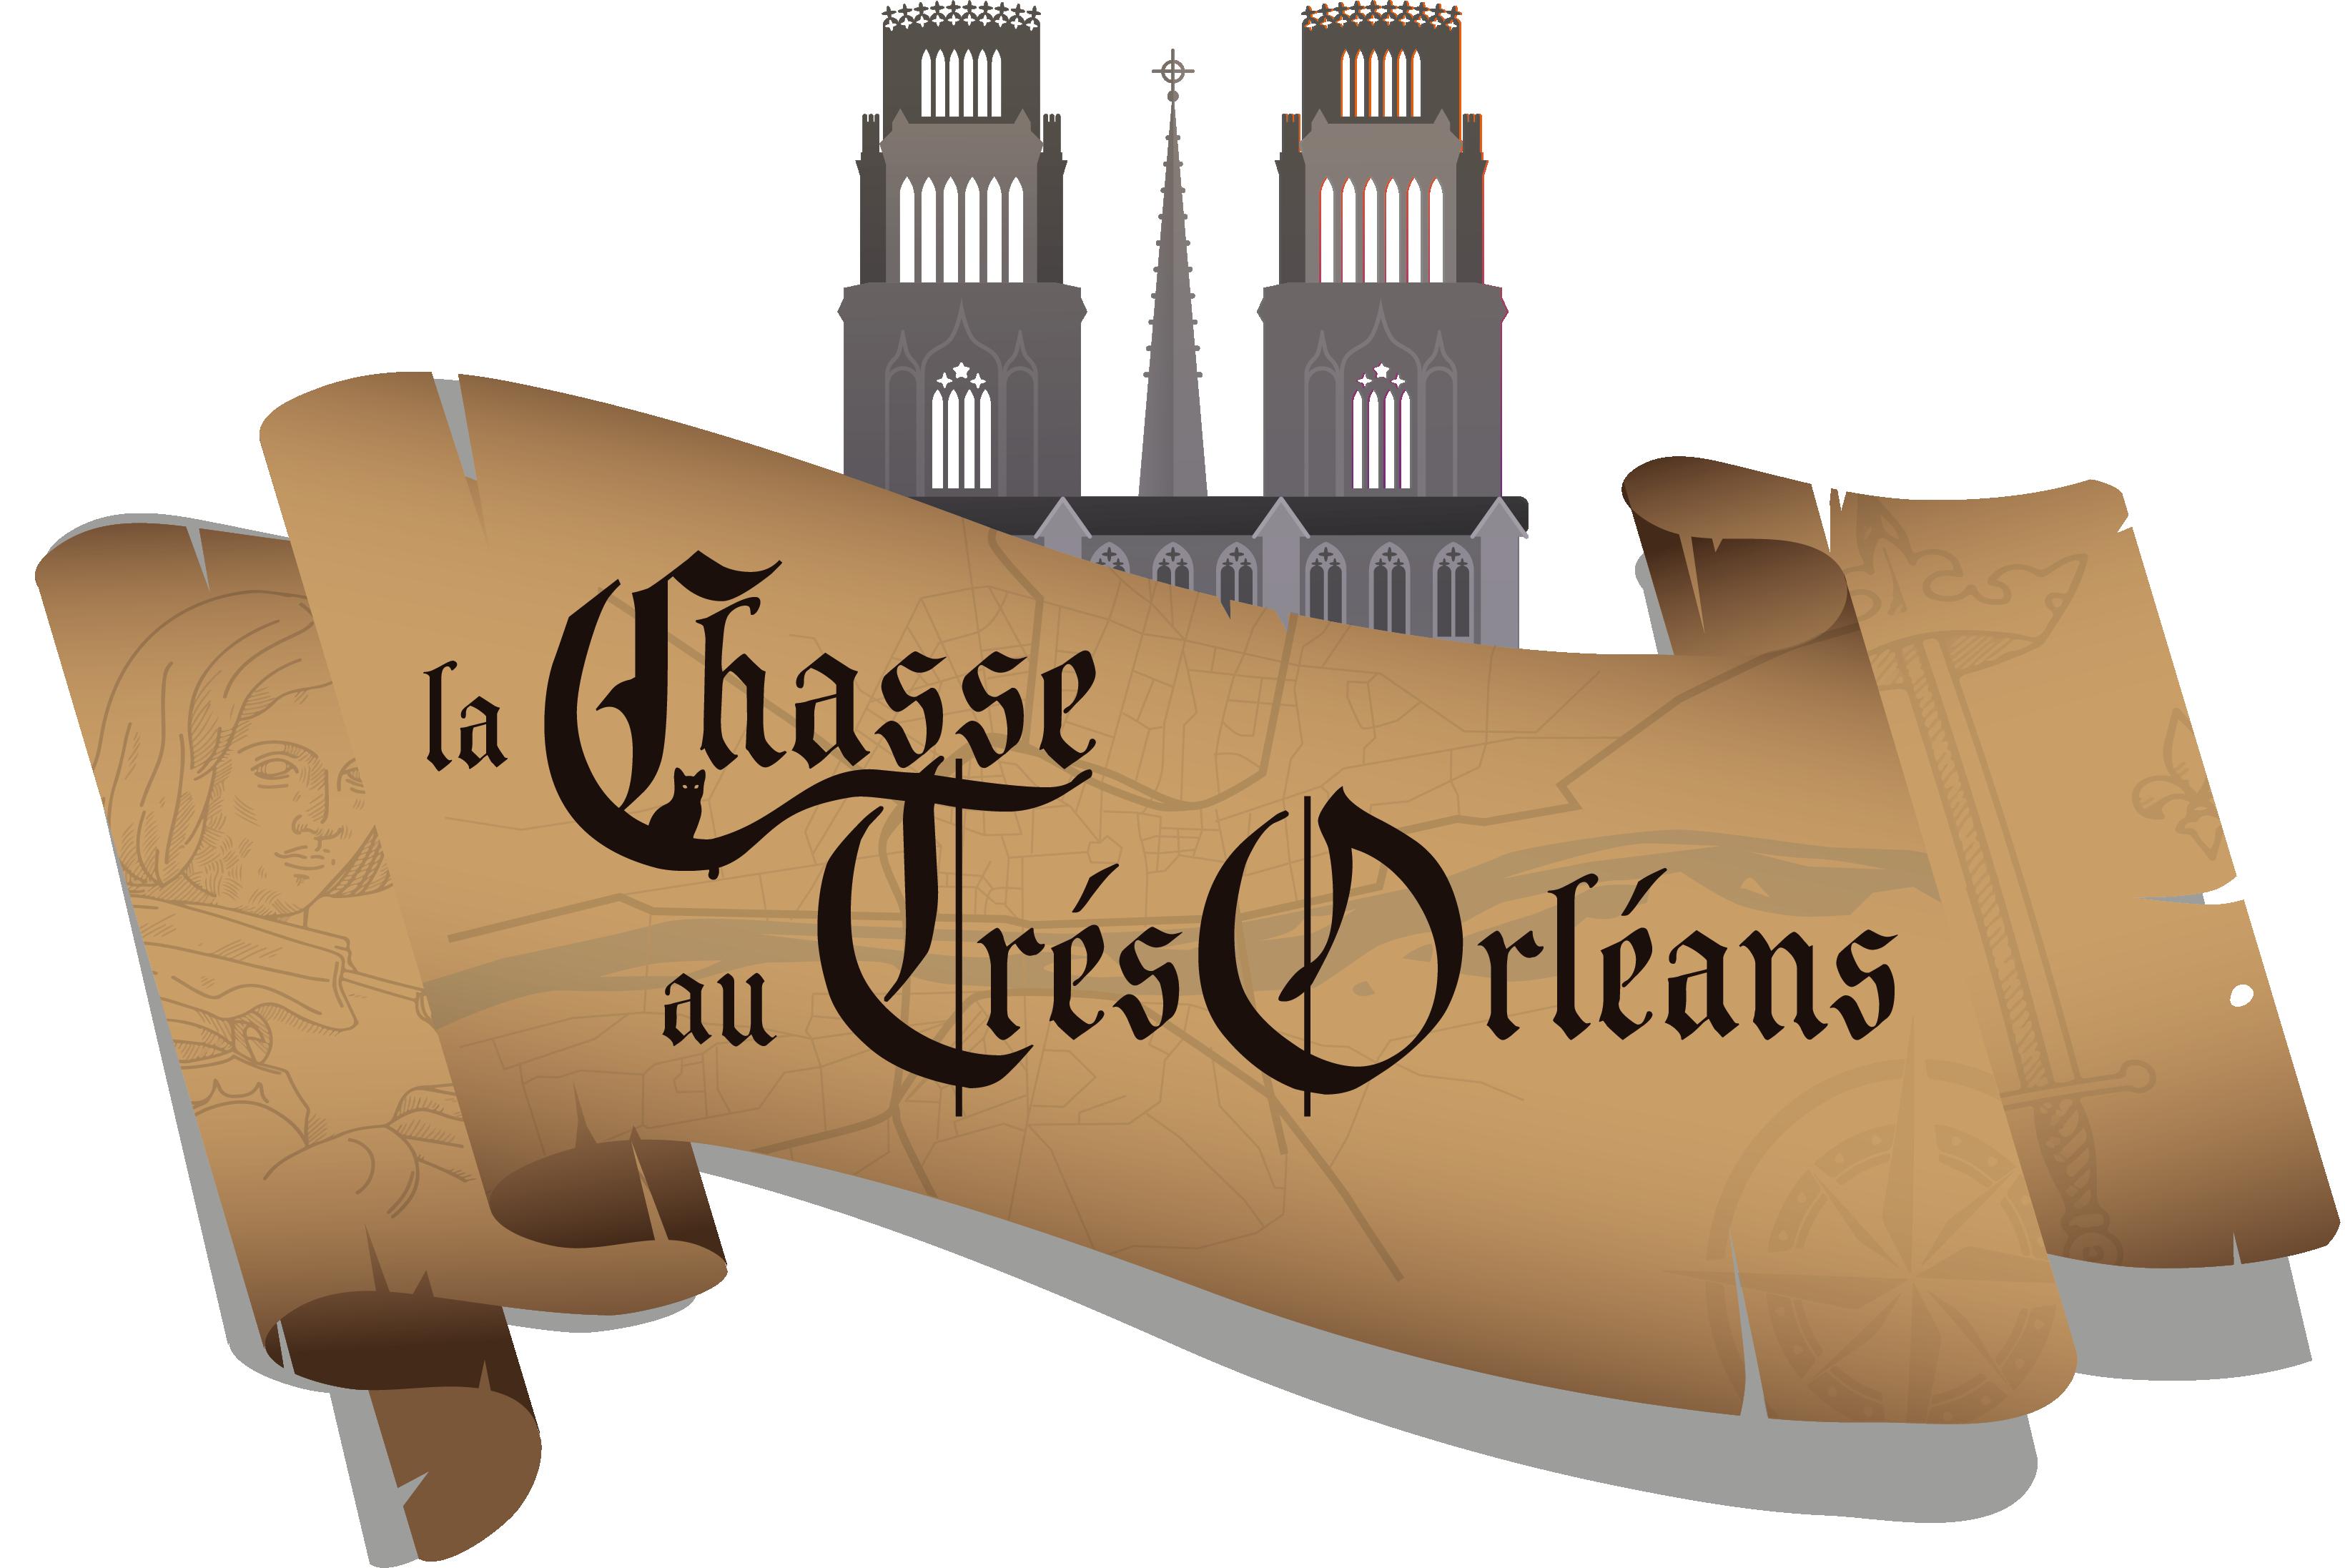 Enquêter au coeur d'Orléans, ça vous tente ? 6